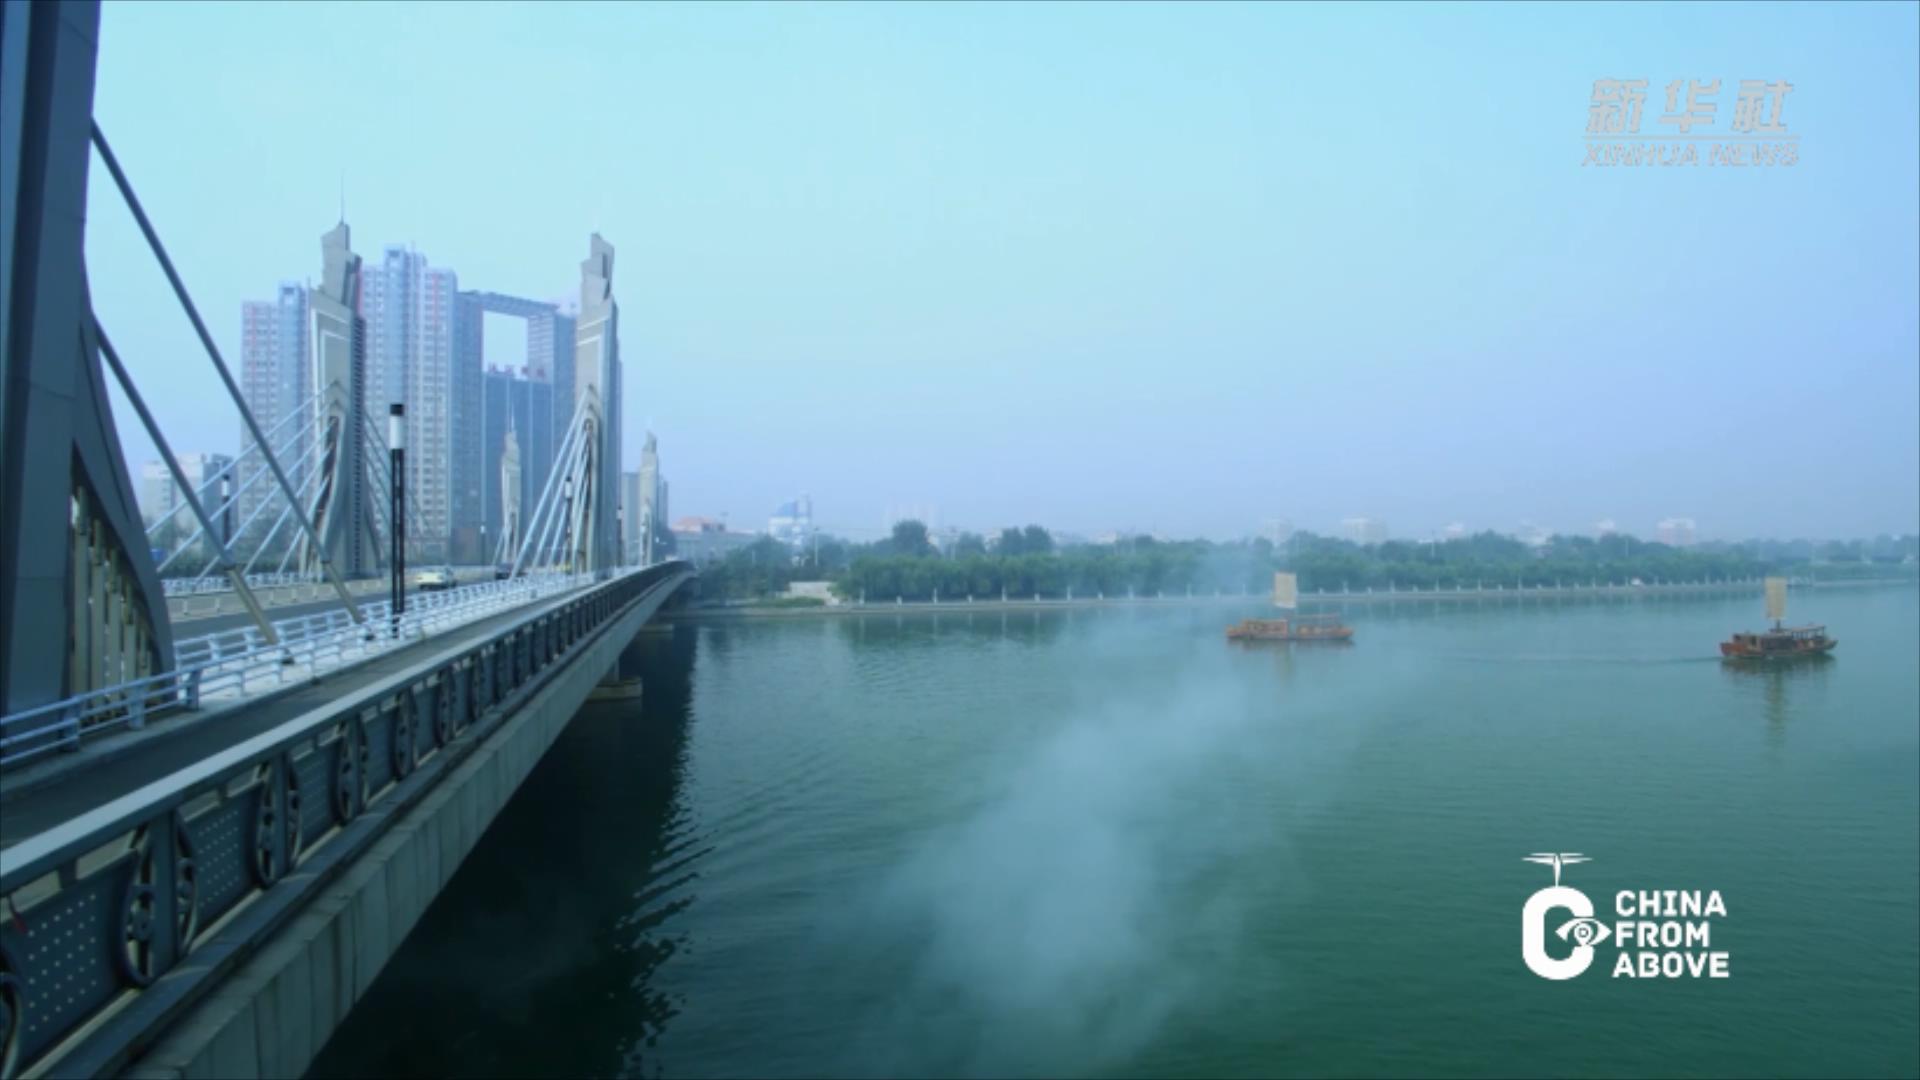 瞰中国 京城风华 包容万方 ——京杭大运河之北京段